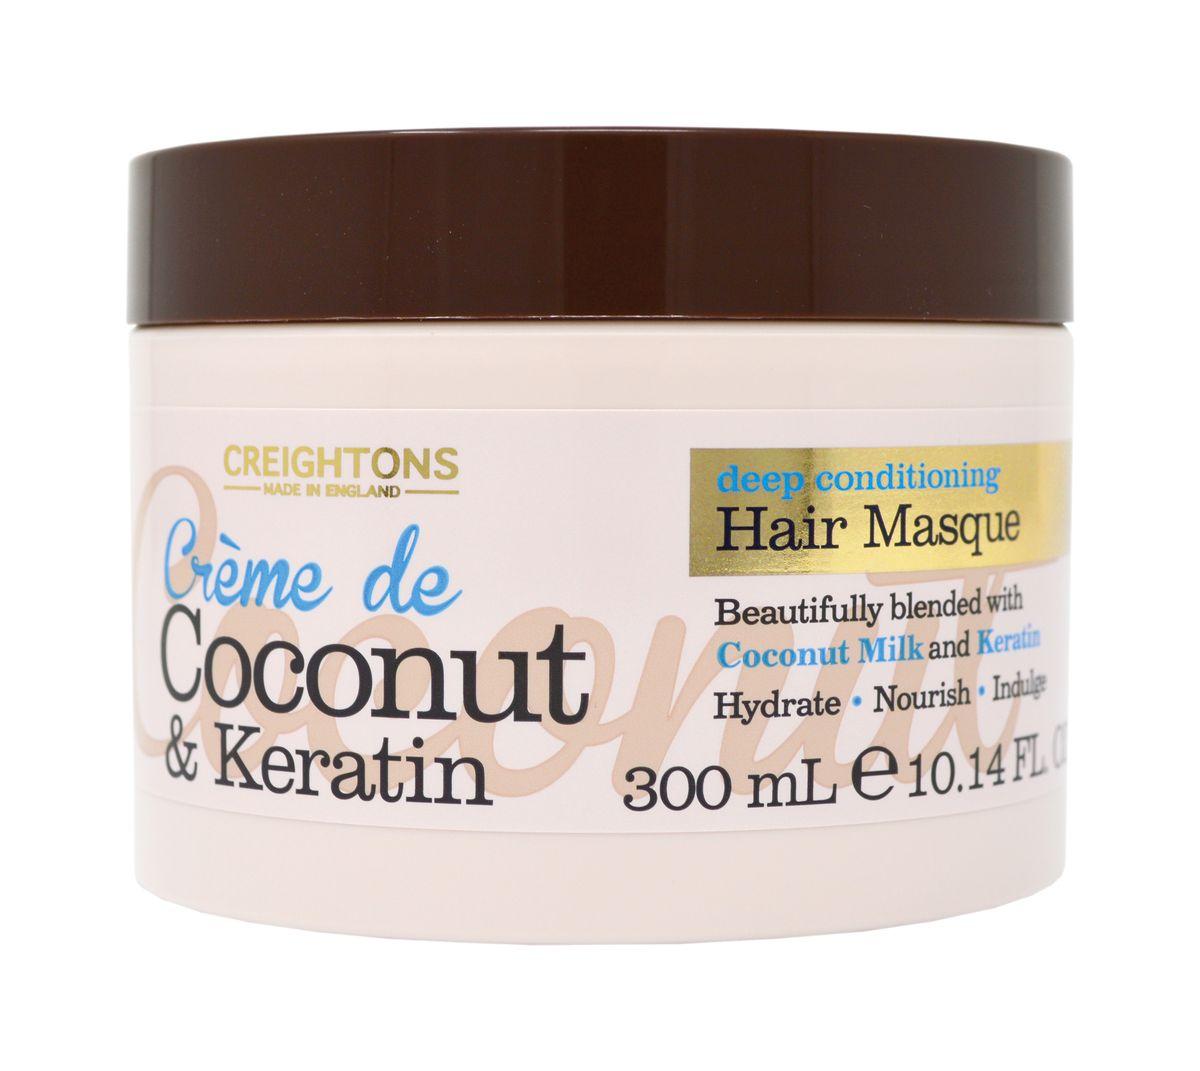 Creightons Маска для волос с кокосовым кремом и кератином Увлажнение + Питание, 300 мл lakonika bio укрепляющая маска для волос интенсивное увлажнение для сухих волос 300 мл